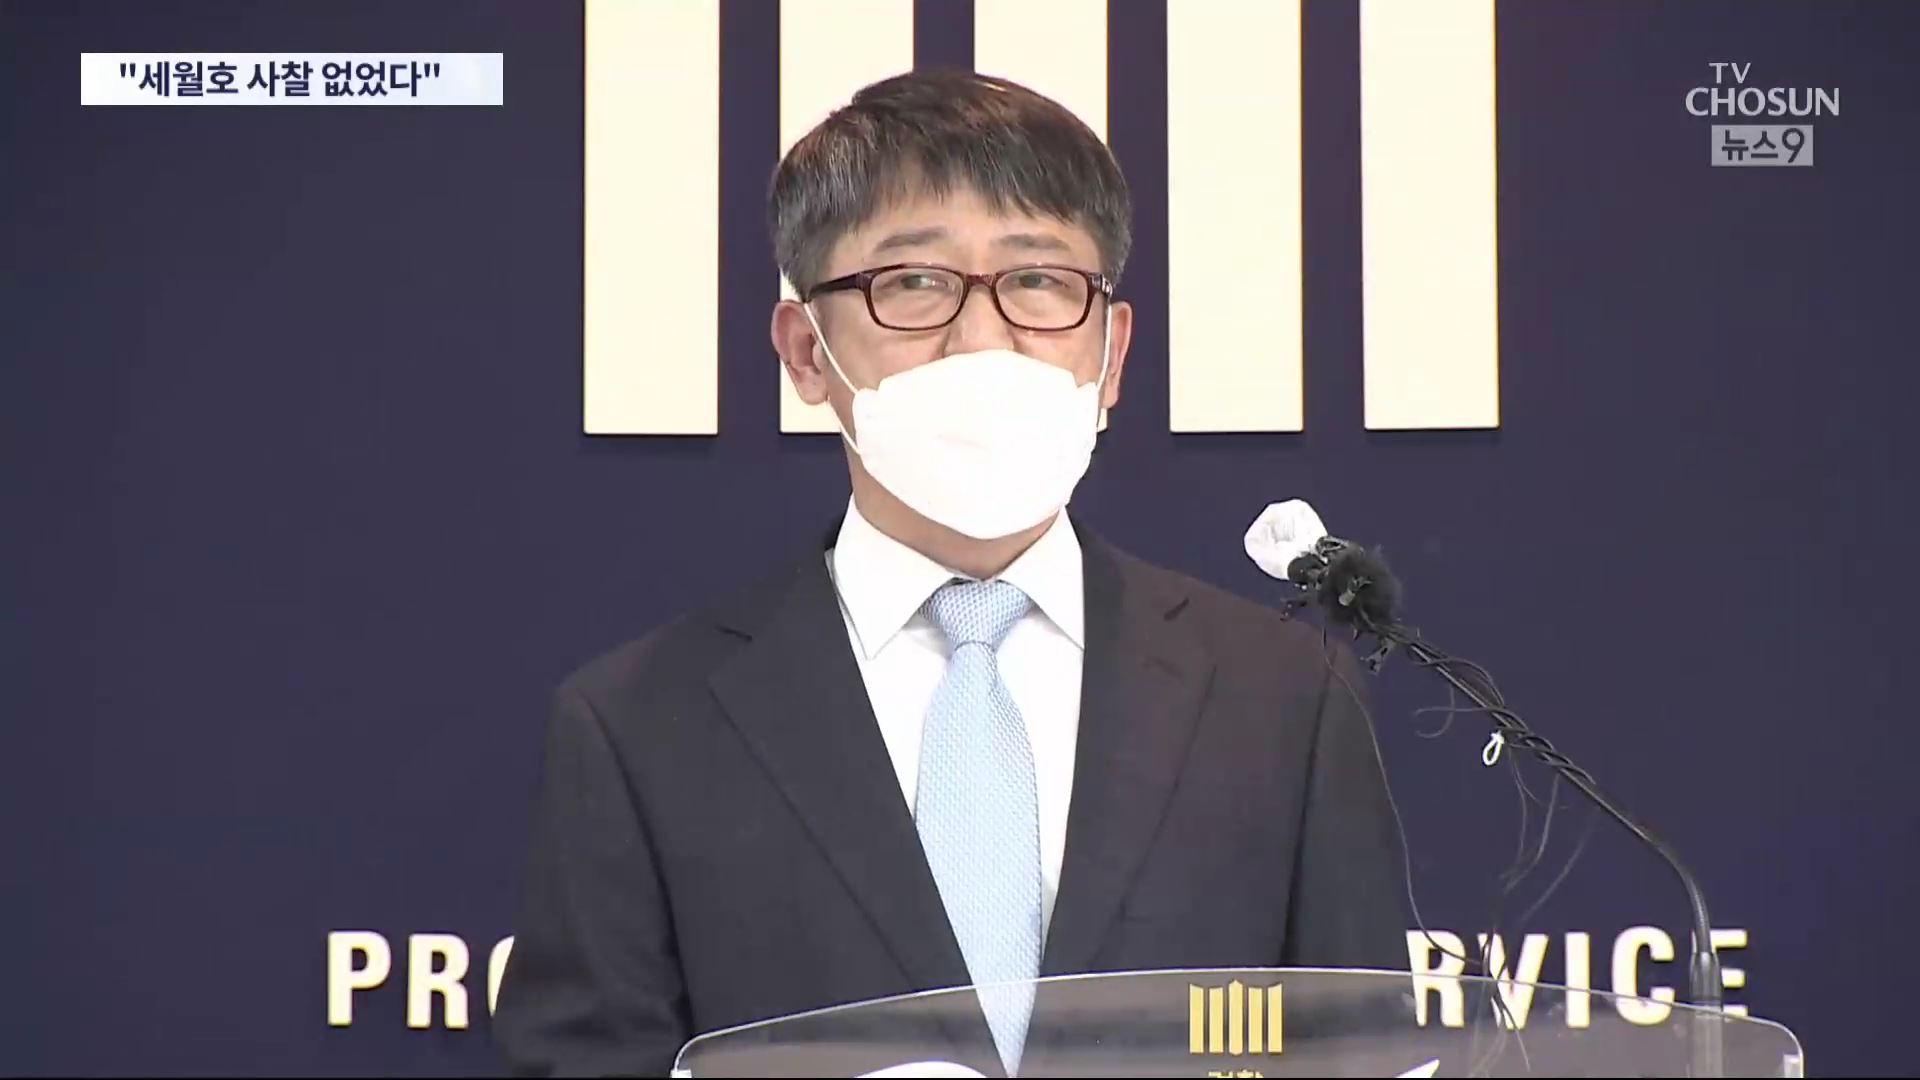 세월호 특수단 '불법사찰·수사외압 없었다'…박근혜·황교안 무혐의